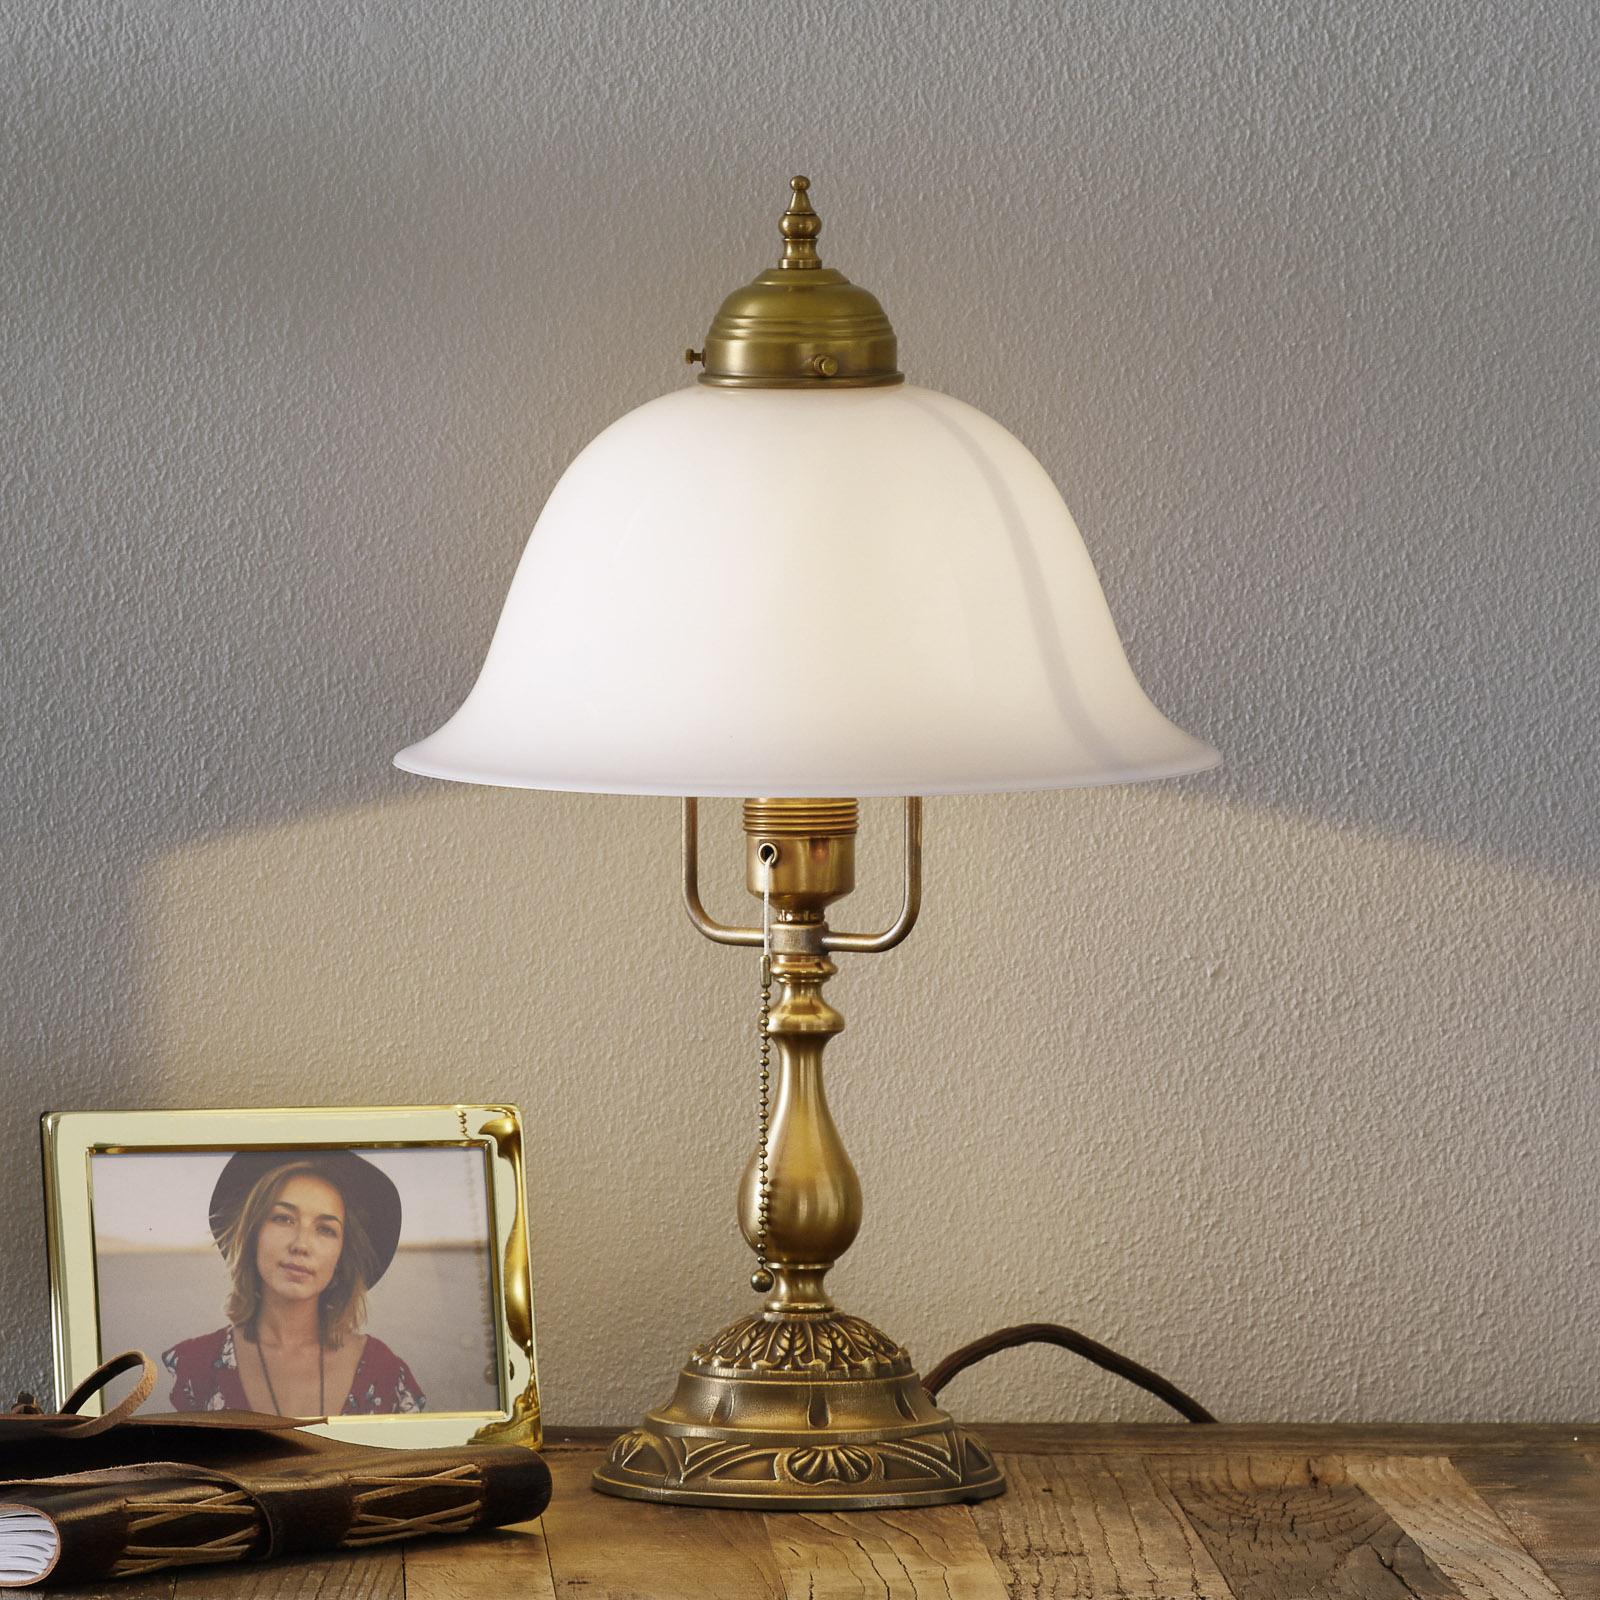 Dekorerad bordslampa Carolin av mässing